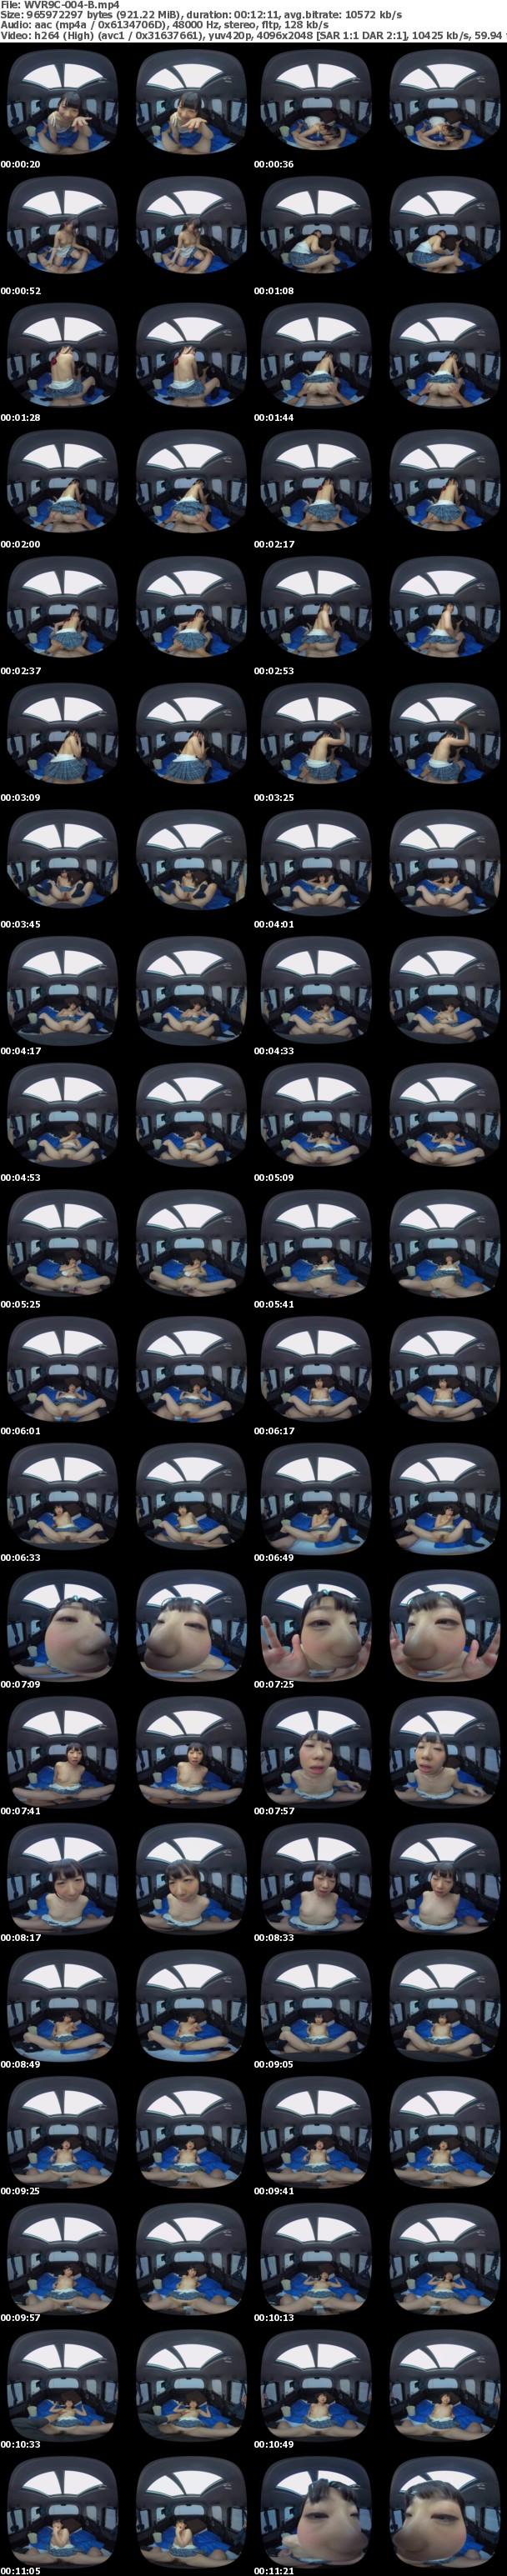 VR/3D WVR9C-004 VR発情女子○生 クソ狭い車内でイヤラシイ身体を貪り合い肉食系カーセックスしまくりました 素人女子○生02恋